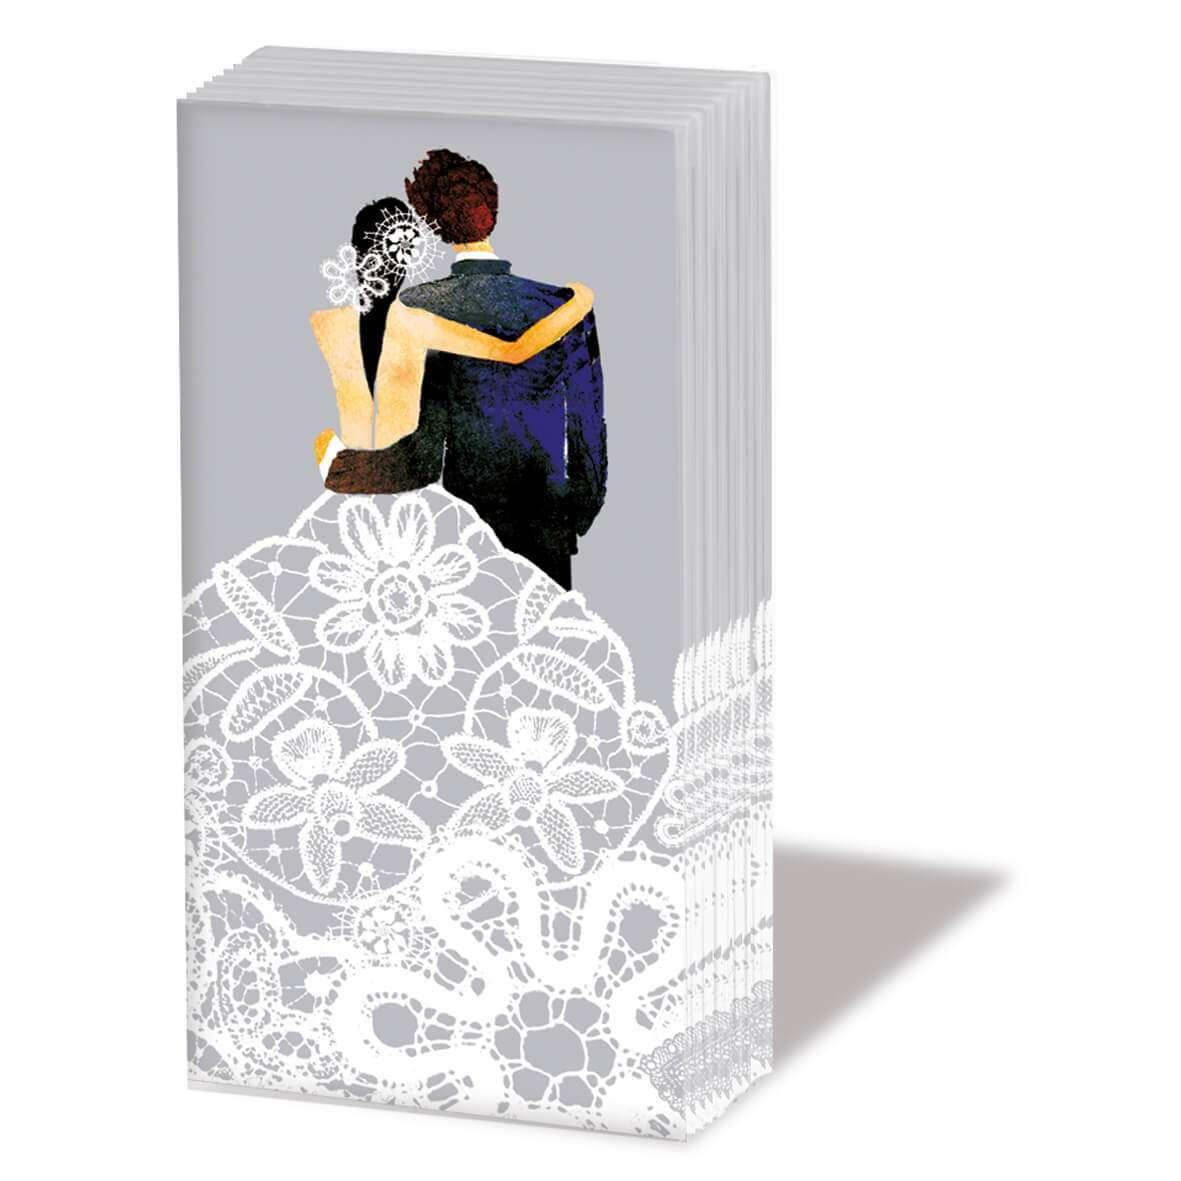 Packchen Mit 10 Bedruckten Designtaschentuchern Im Format 21 5 X 22cm Bzw 5 5 X 11cm Gefaltet 4 Lagig Material 100 Tiss Taschentucher Tuch Hochzeitspaar